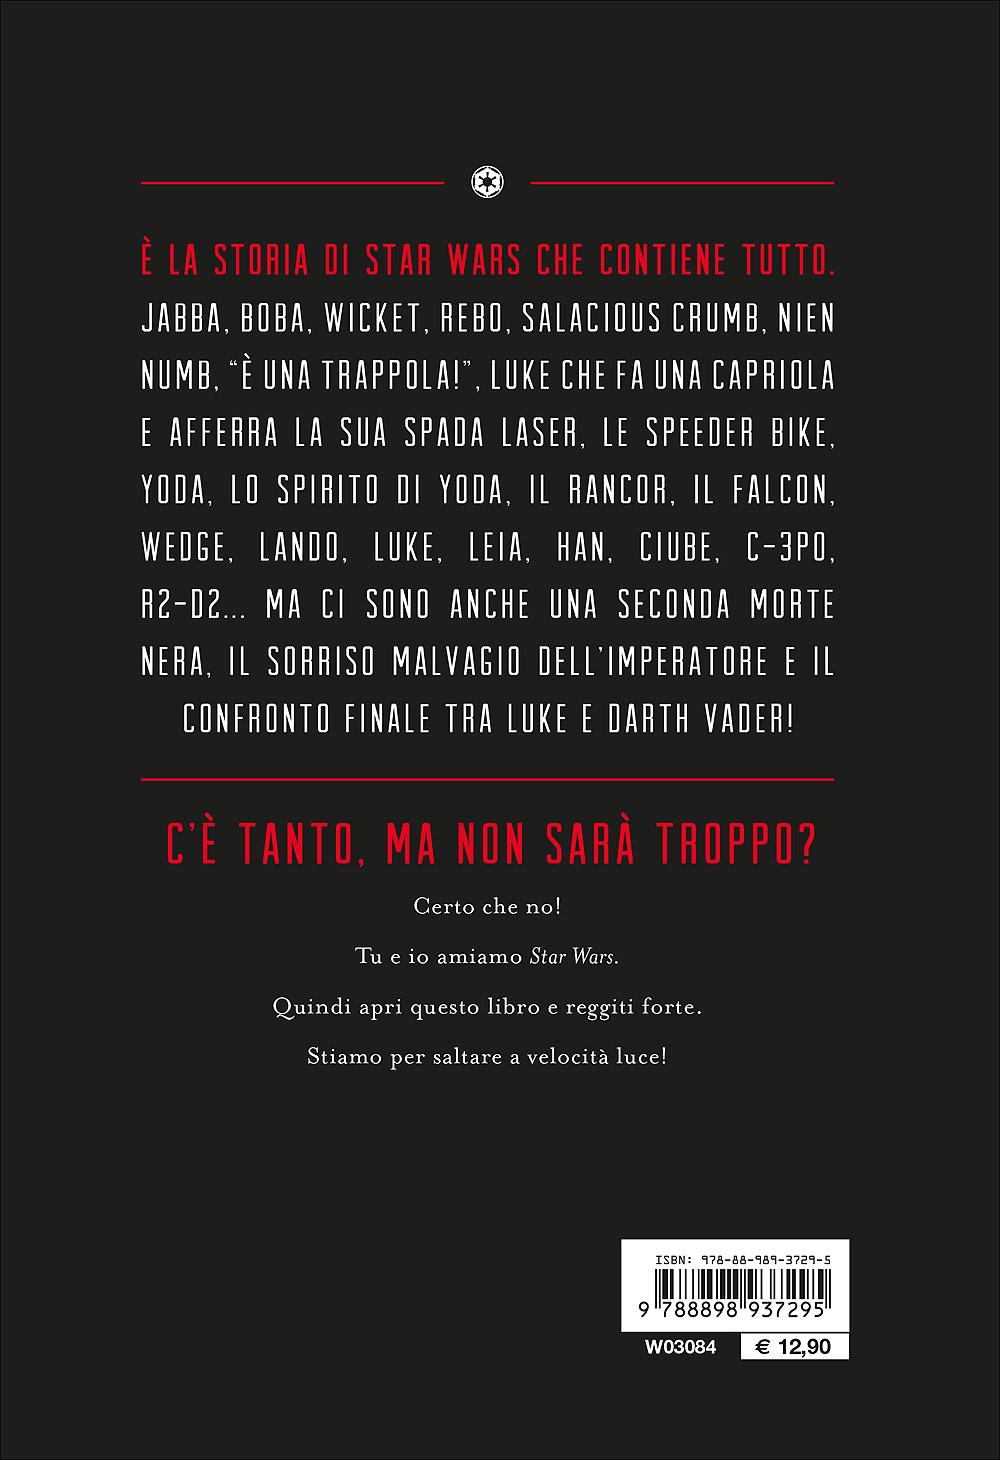 Narrativa d'autore - Attento al lato oscuro!